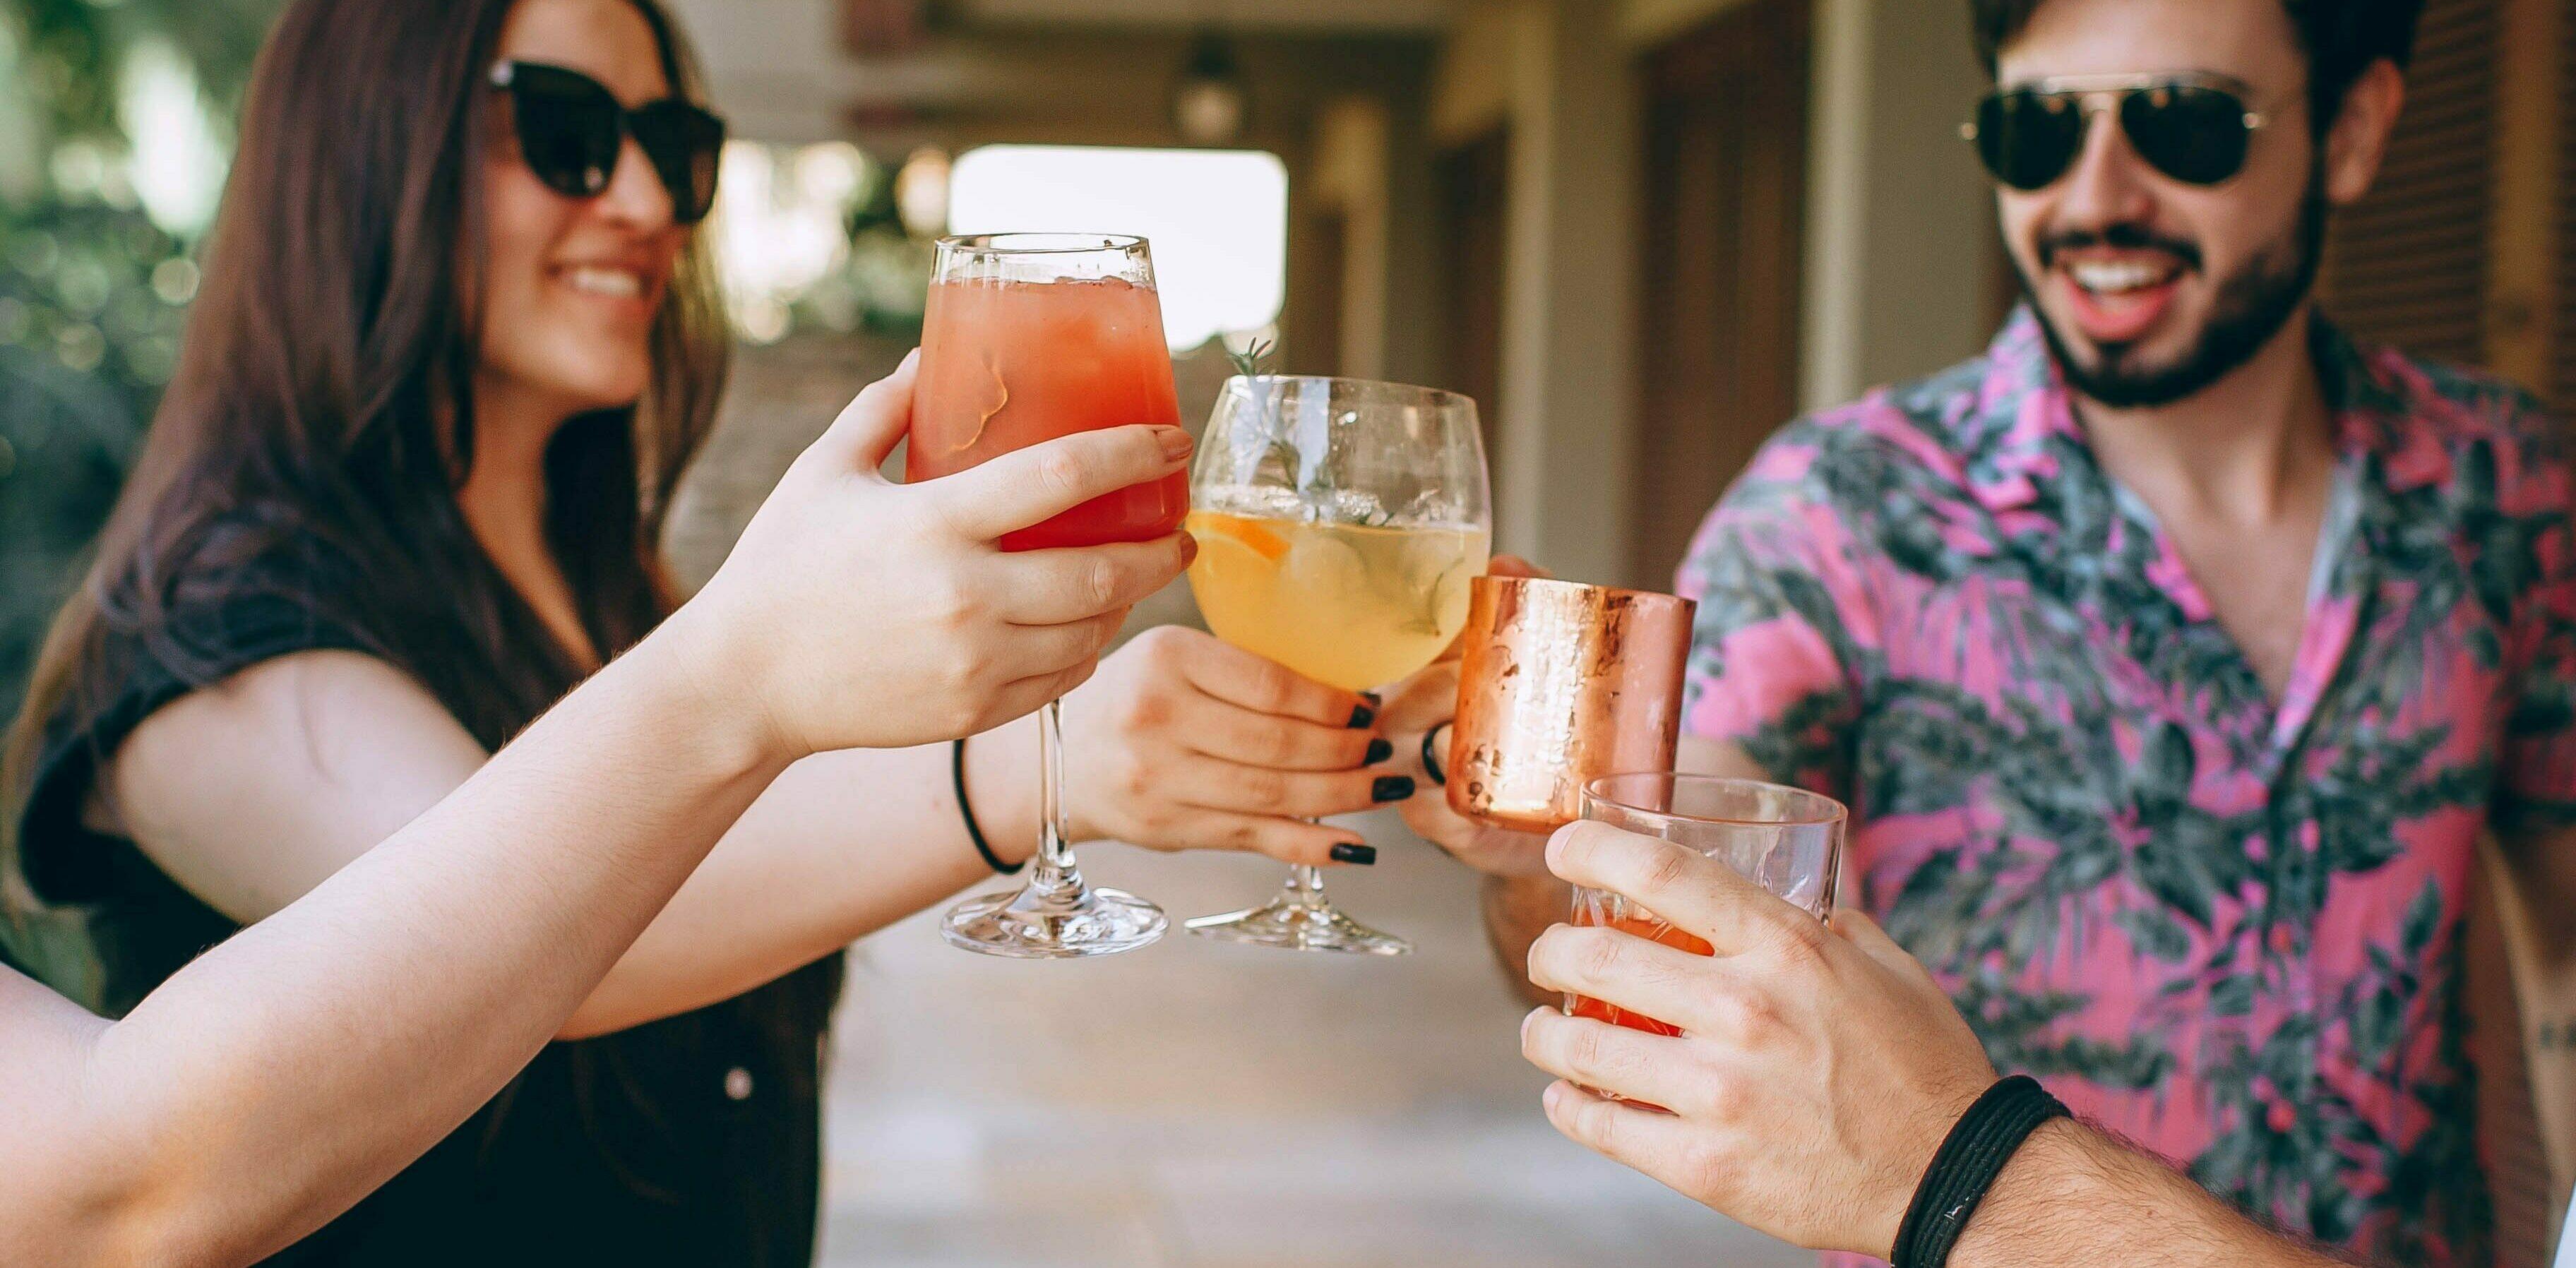 een foto van mensen die drinken.